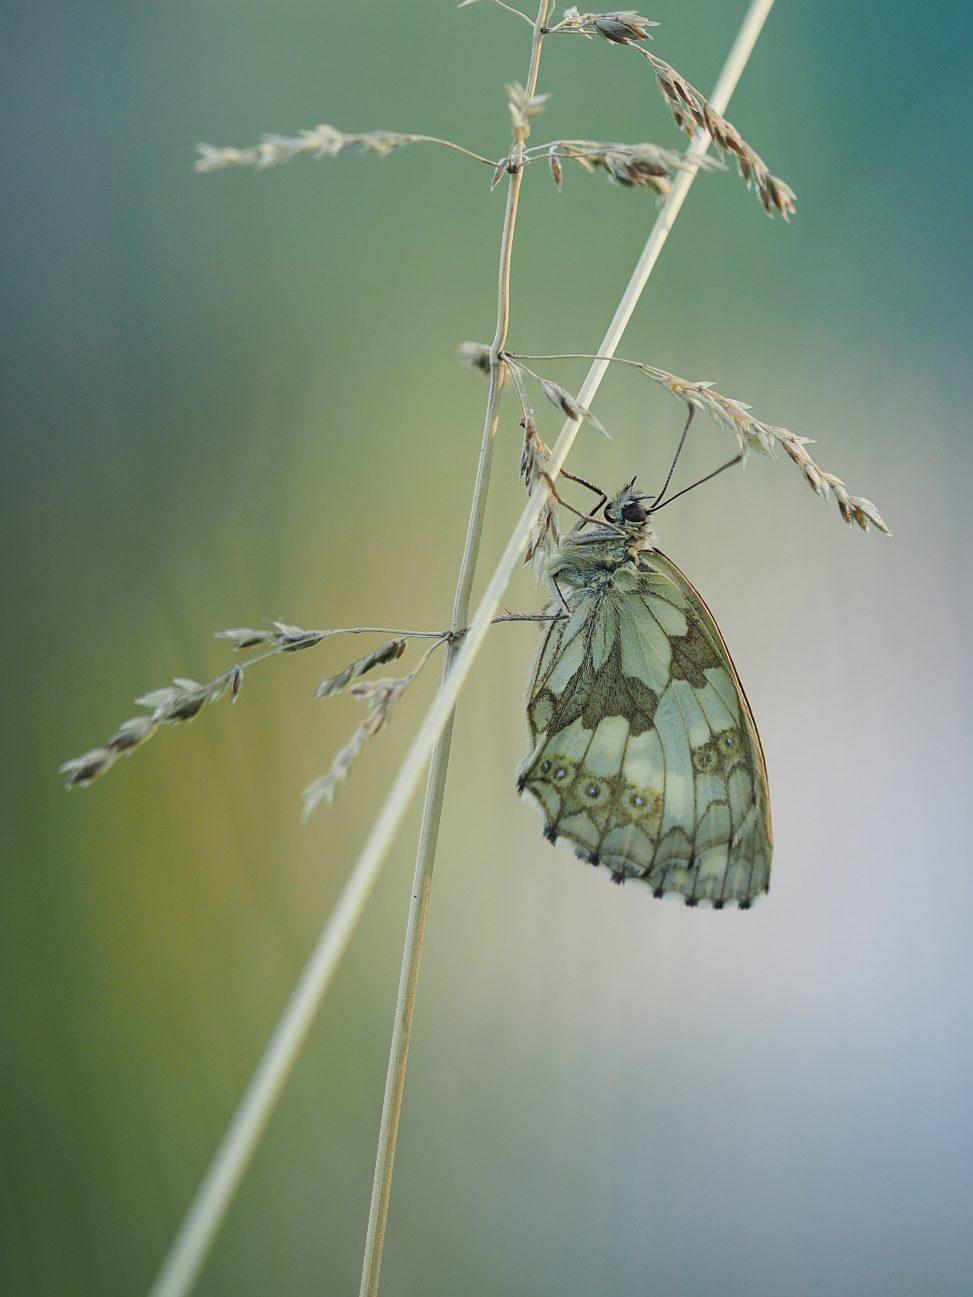 Abendruhe - Schlafende Schmetterlinge - Hondarium